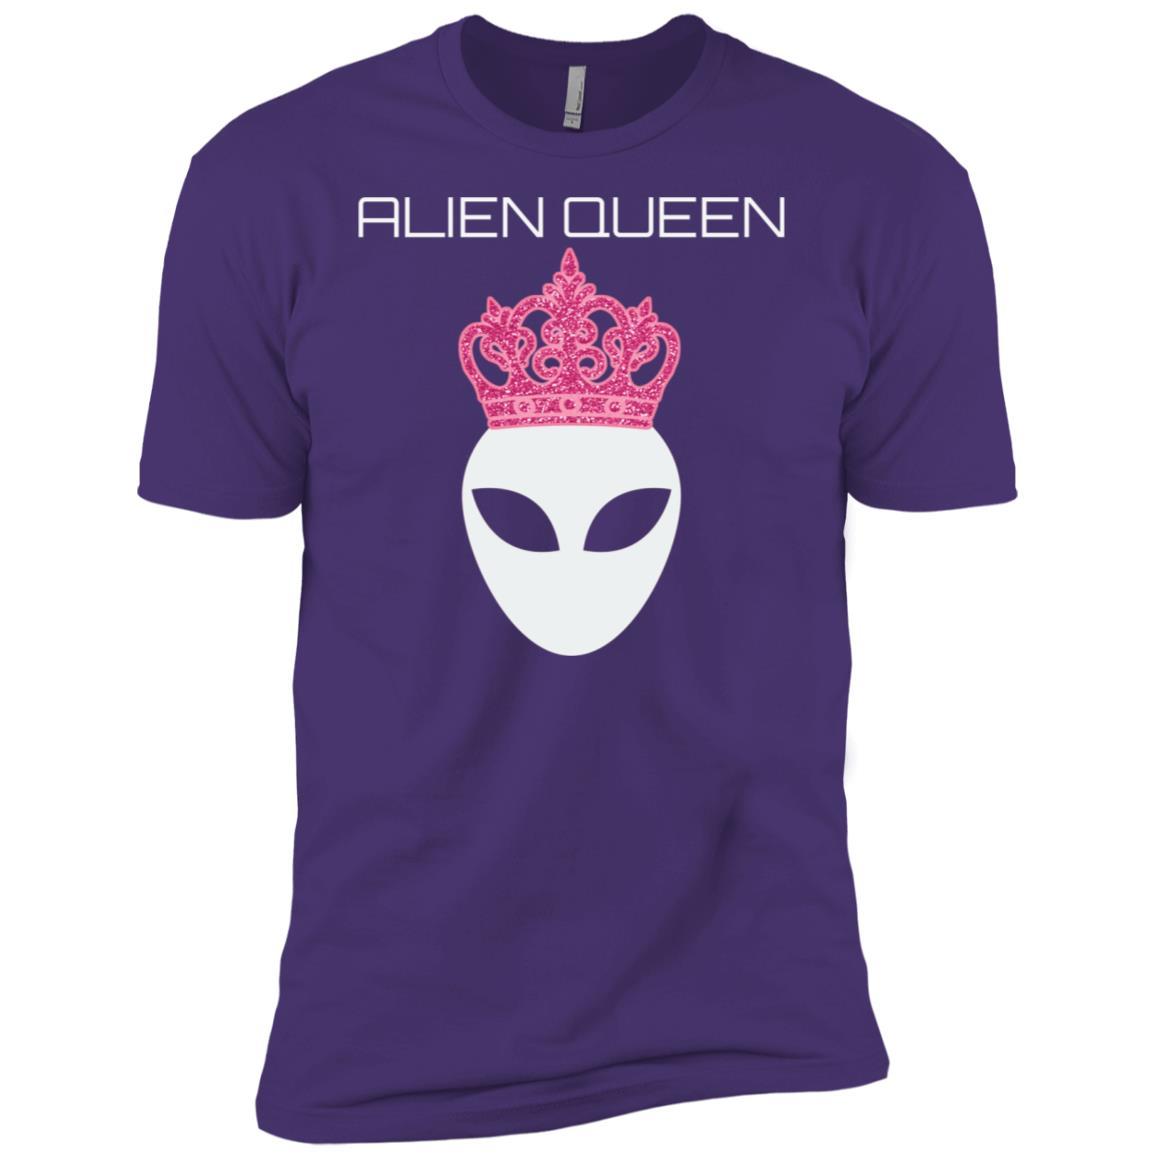 Funny Alien Queen Sweatshirt Ufo Abduction Gift Geeky Women Men Short Sleeve T-Shirt